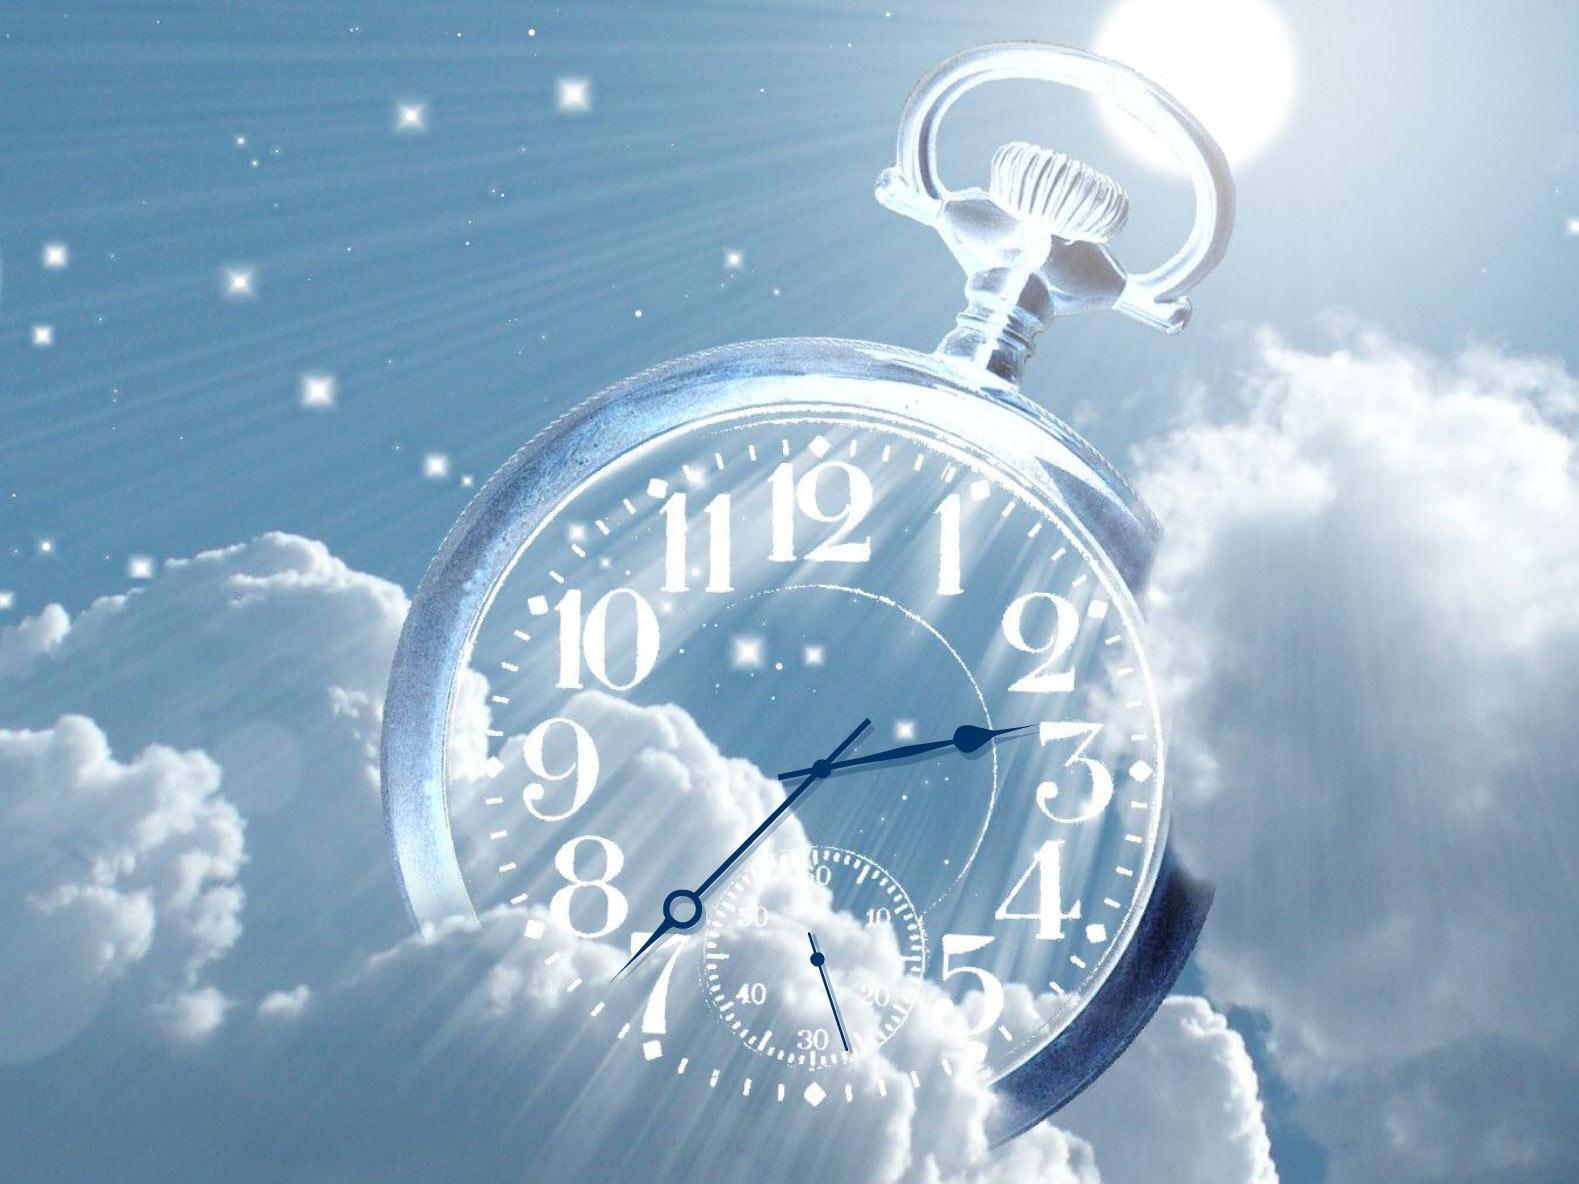 Часы облака заставка на рабочий стол 26 фотография